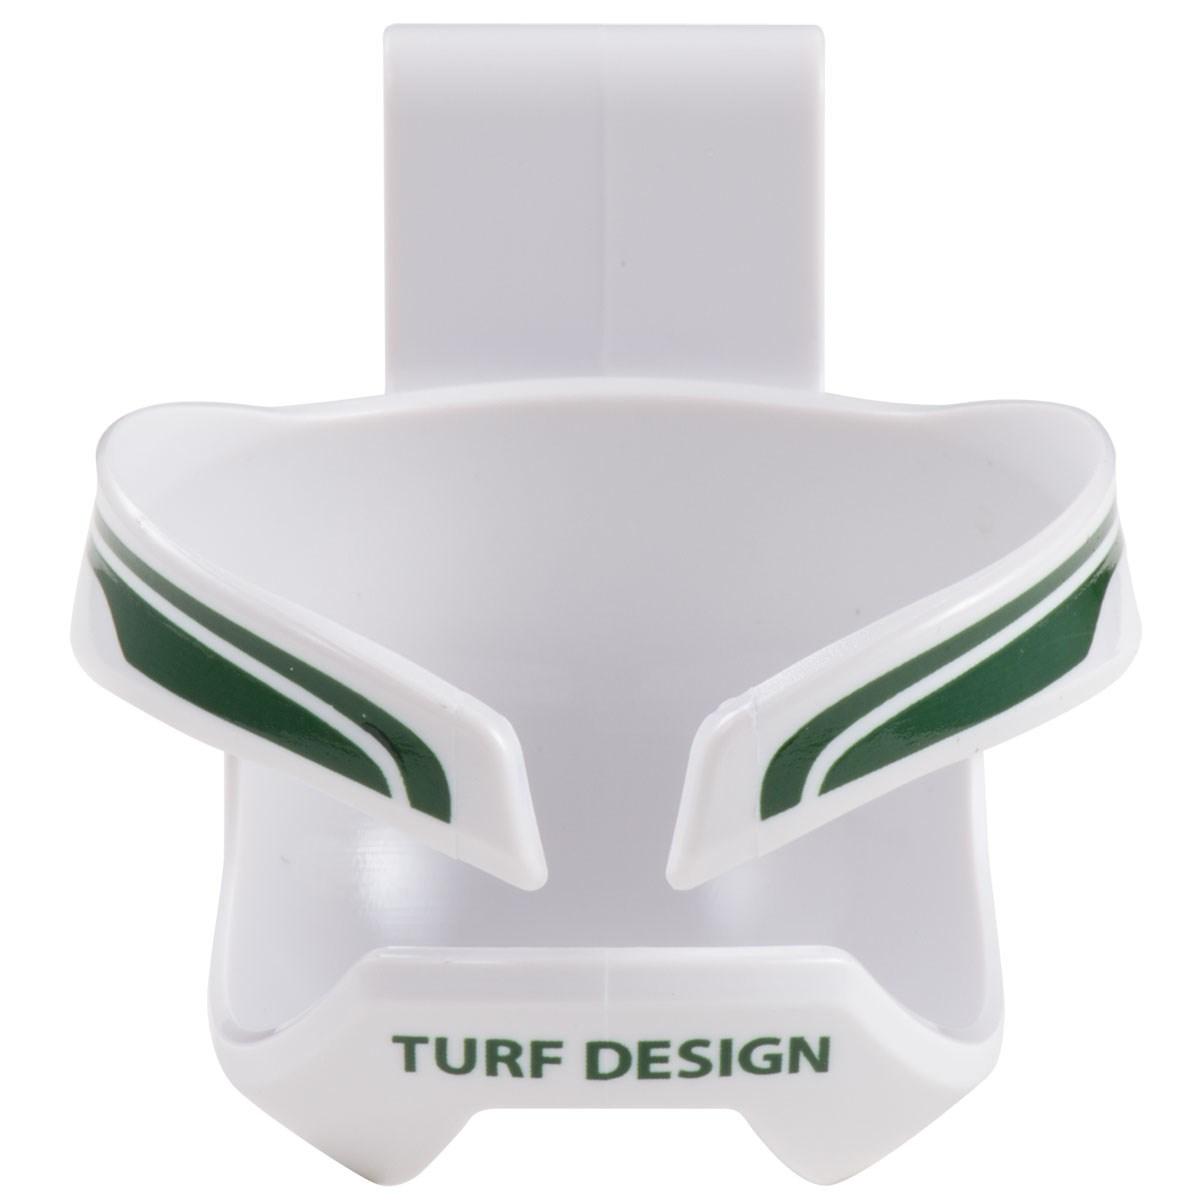 ターフデザイン ボールクロー